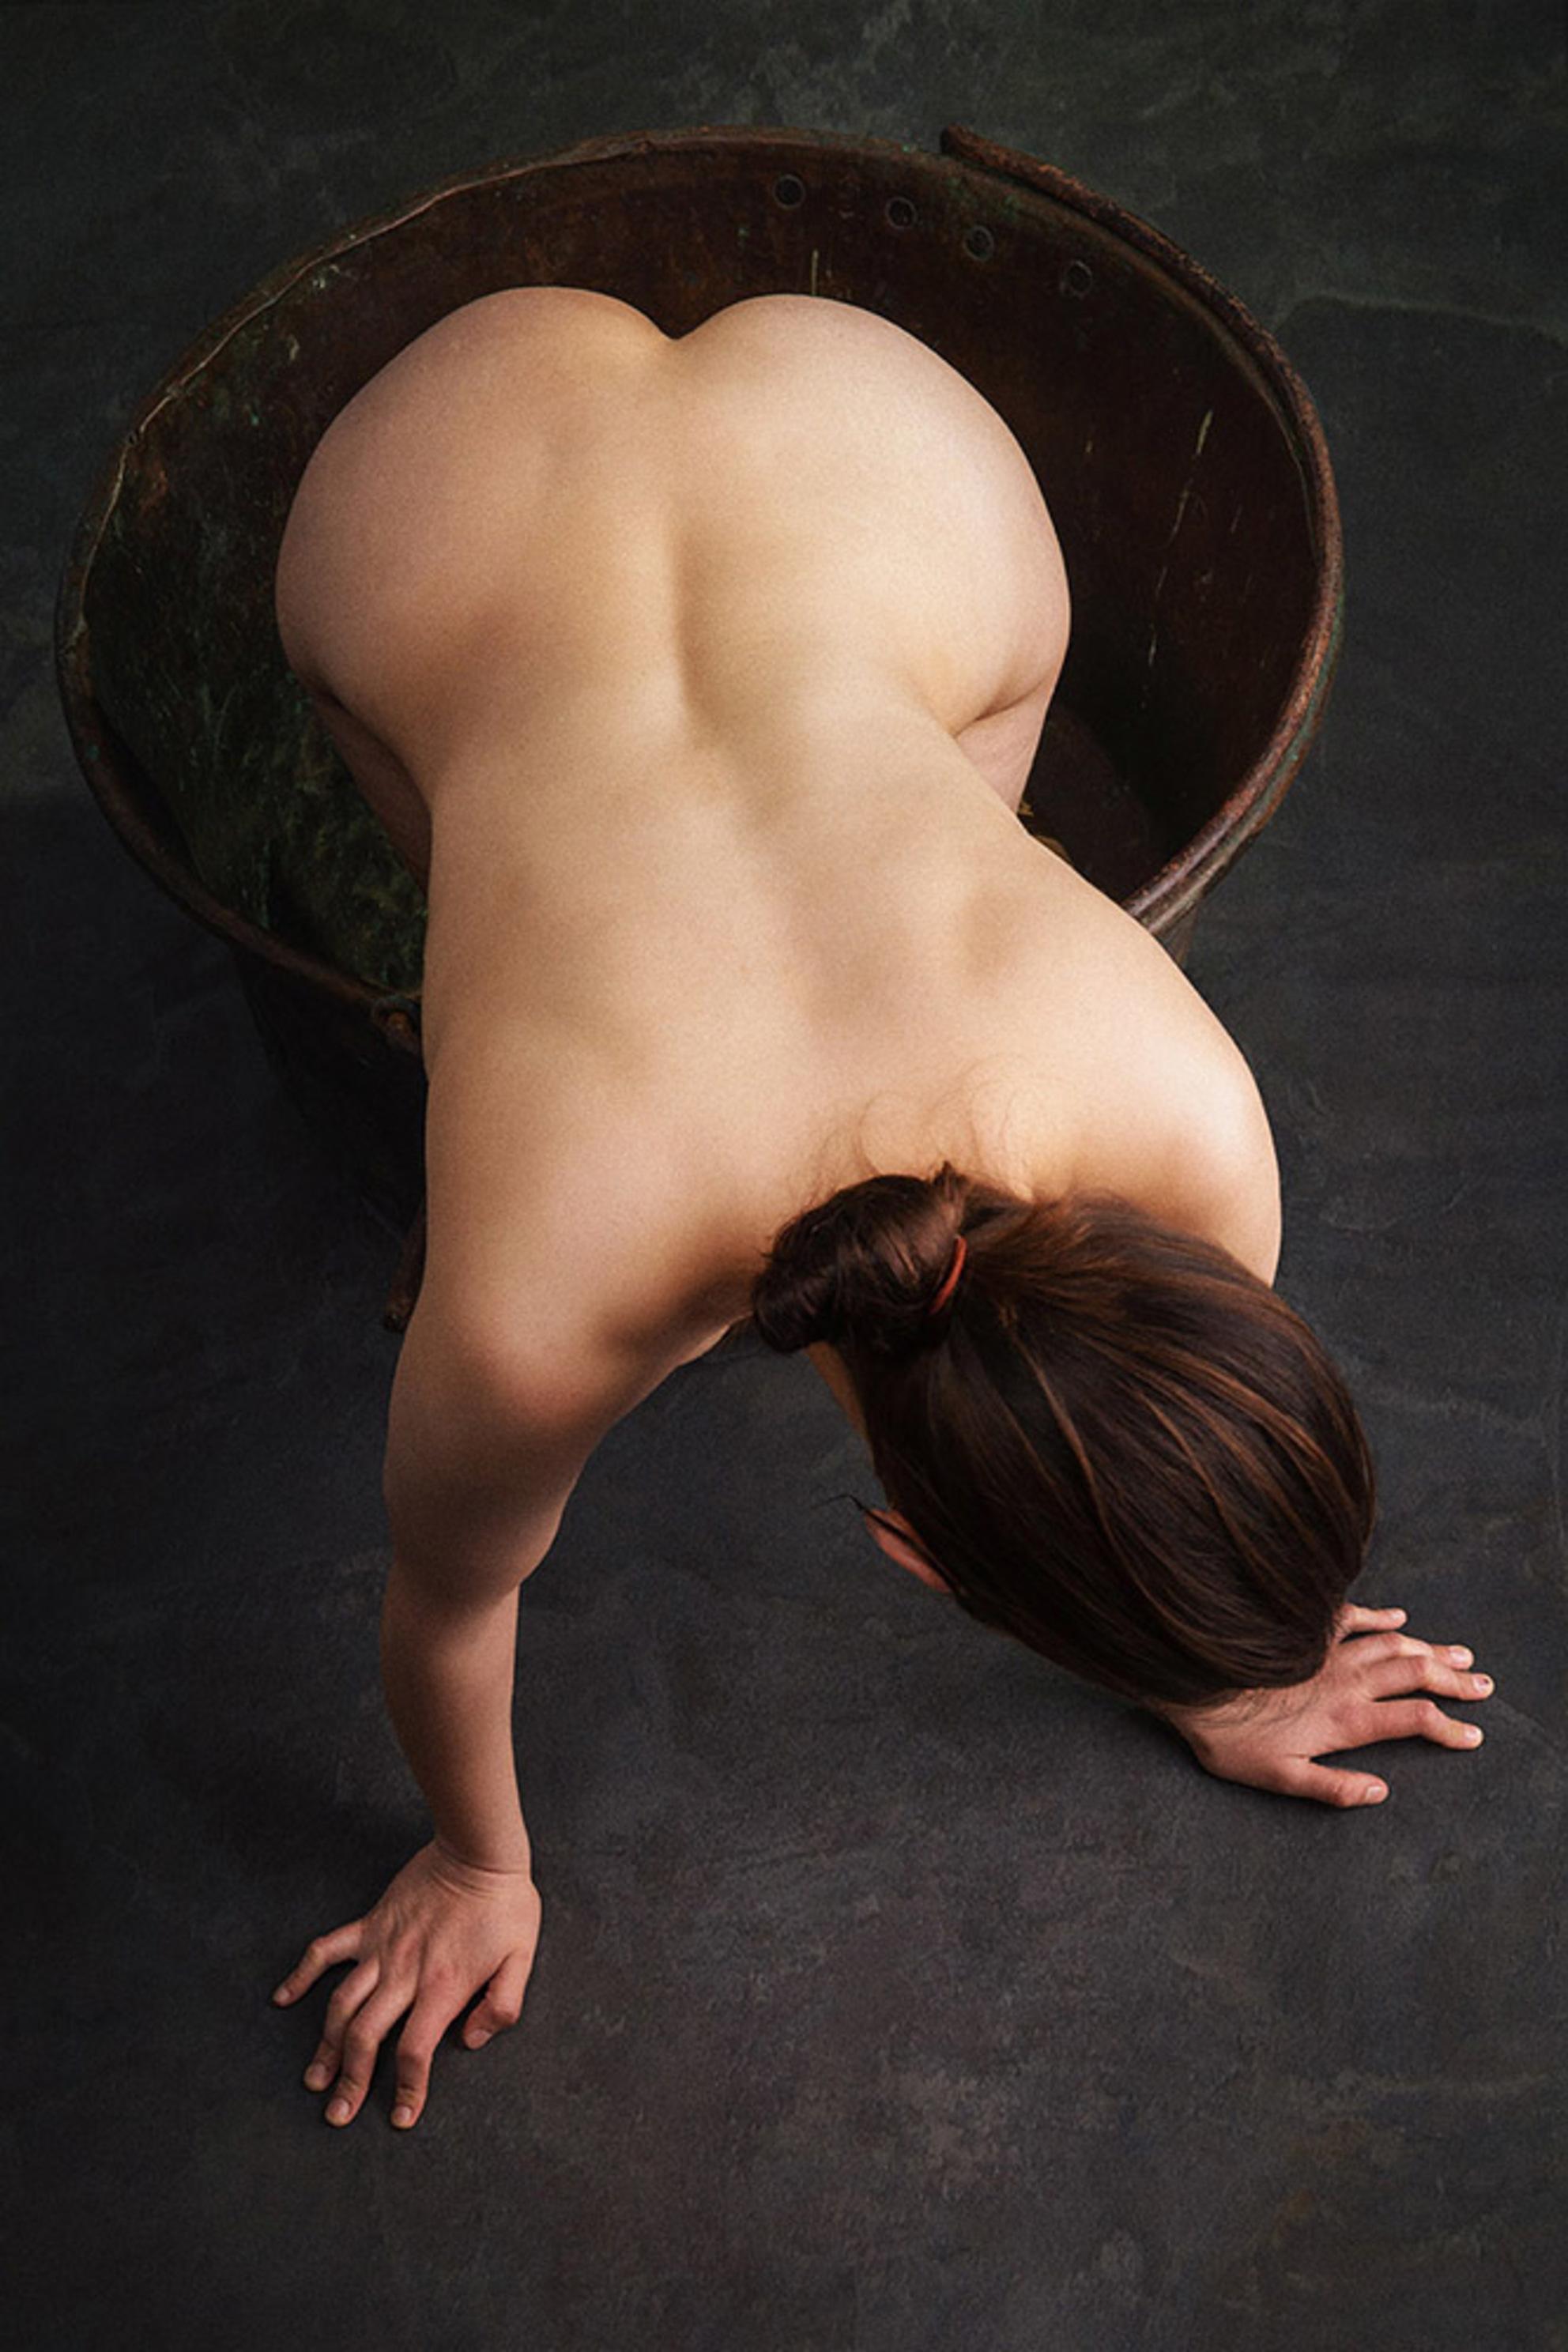 female - Lois - foto door jhslotboom op 29-07-2019 - deze foto bevat: vrouw, model, erotiek, nude, naakt, pose, studio, klassiek, ketel, pot, artistiek, female, vrouwelijk, koperen